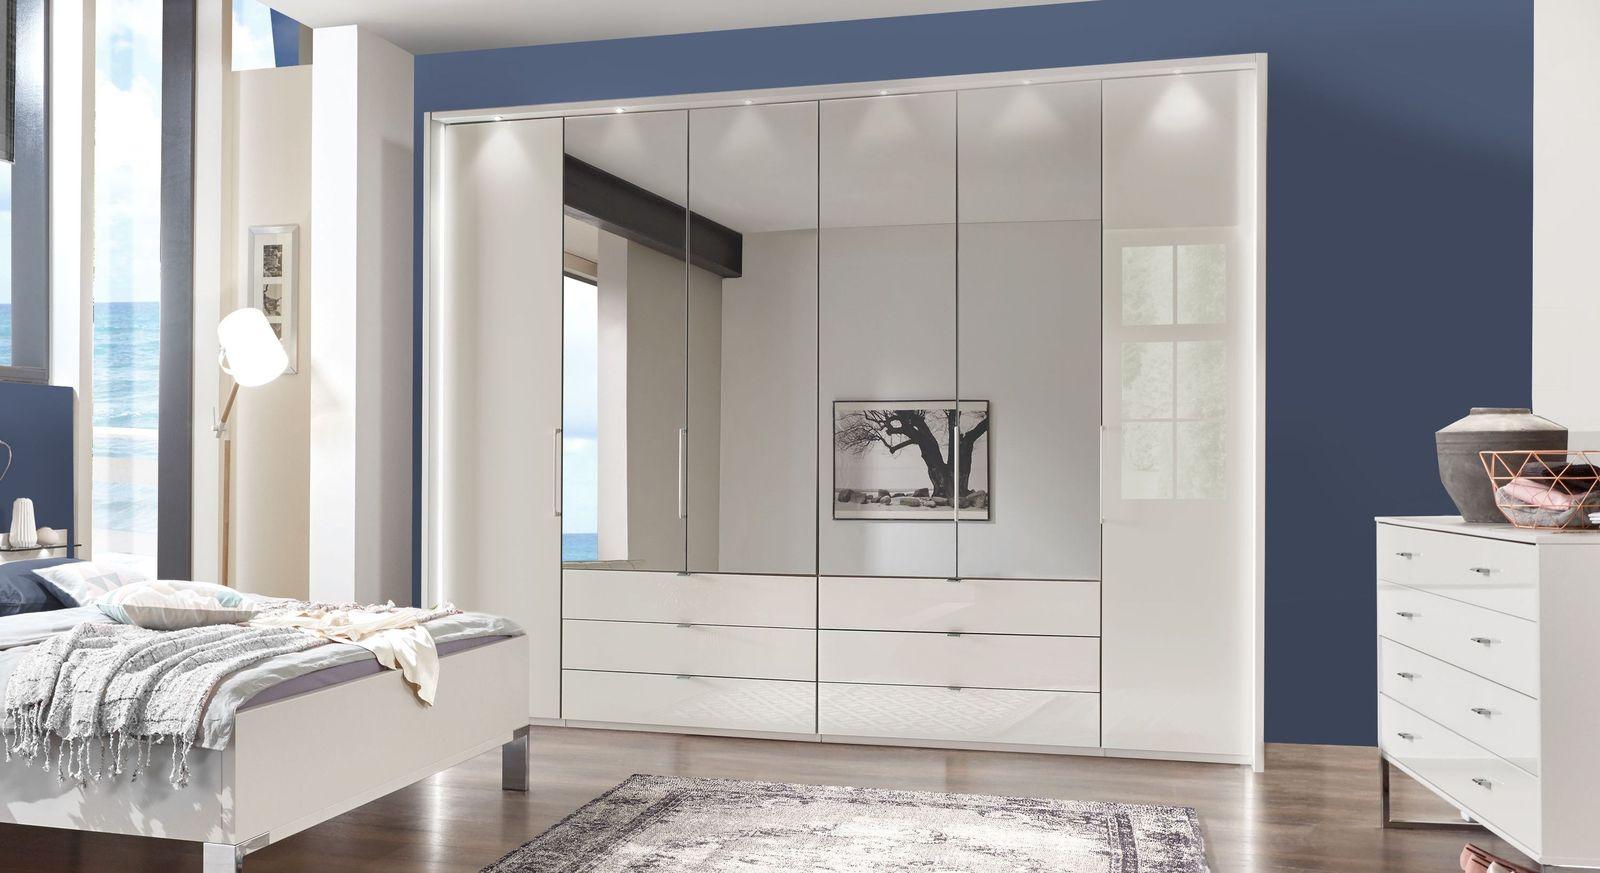 Spiegel-Kleiderschrank Elmira mit leichtgängigen Schubladenauszüge